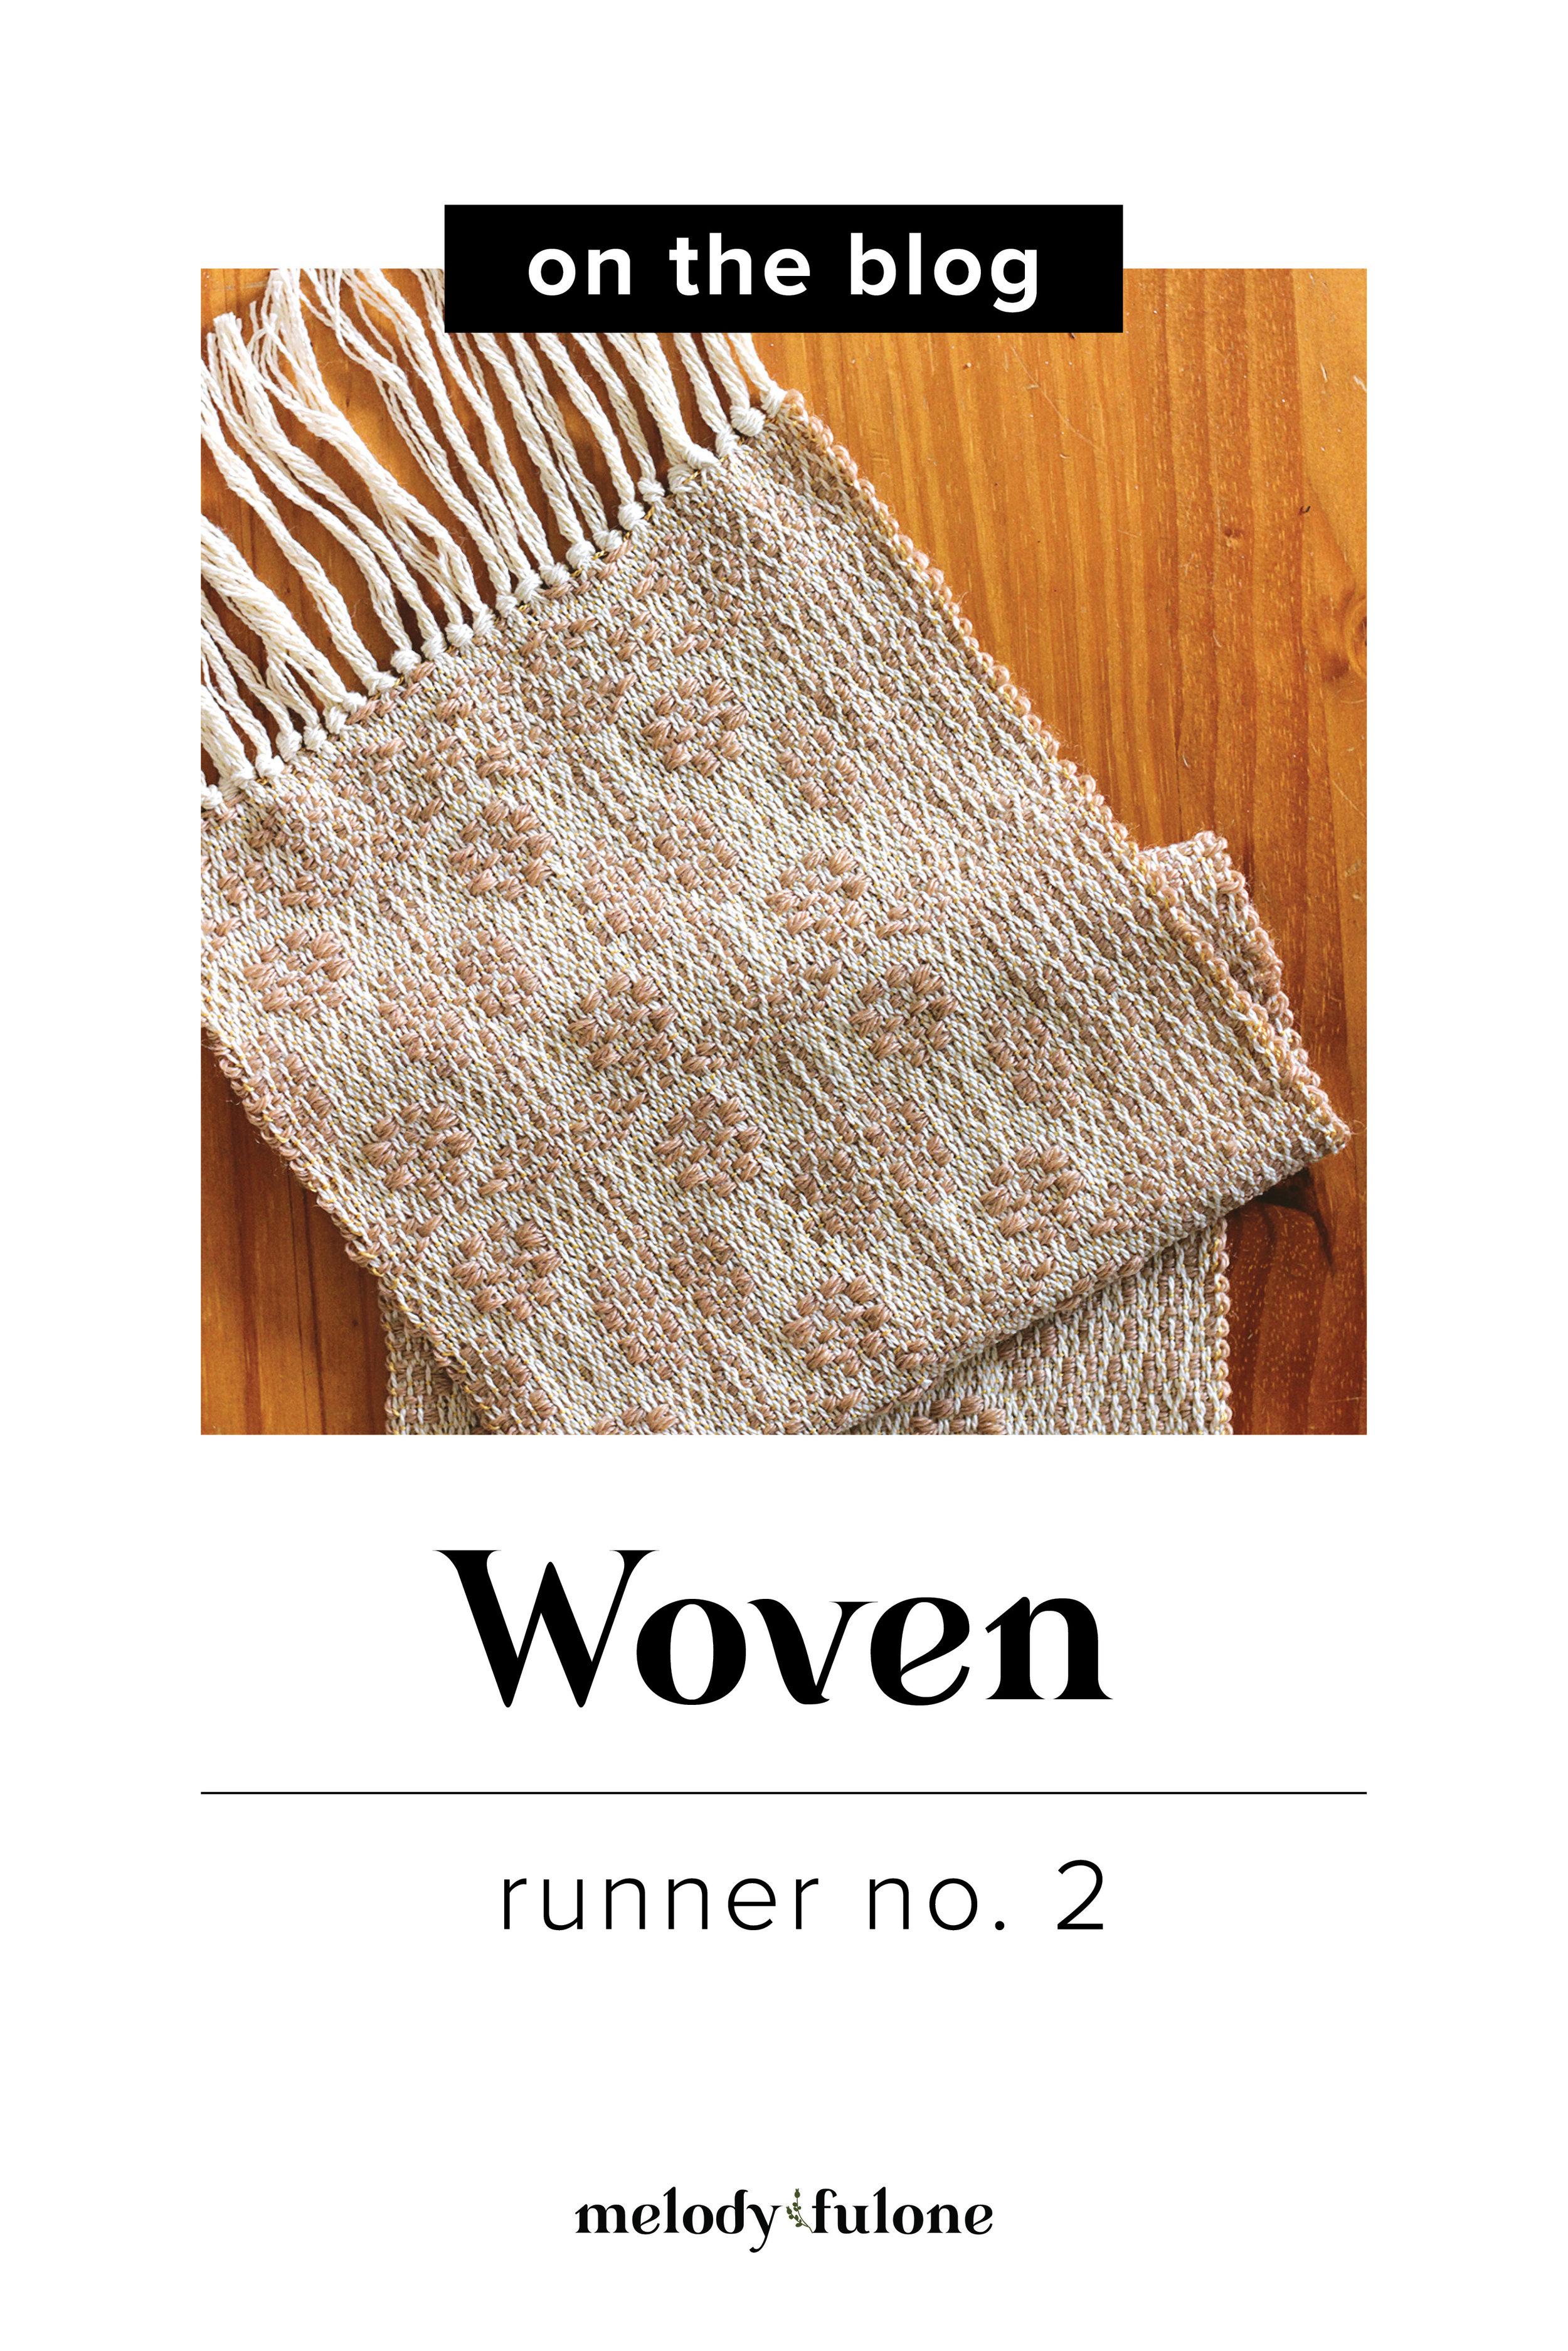 Woven Runner No. 2